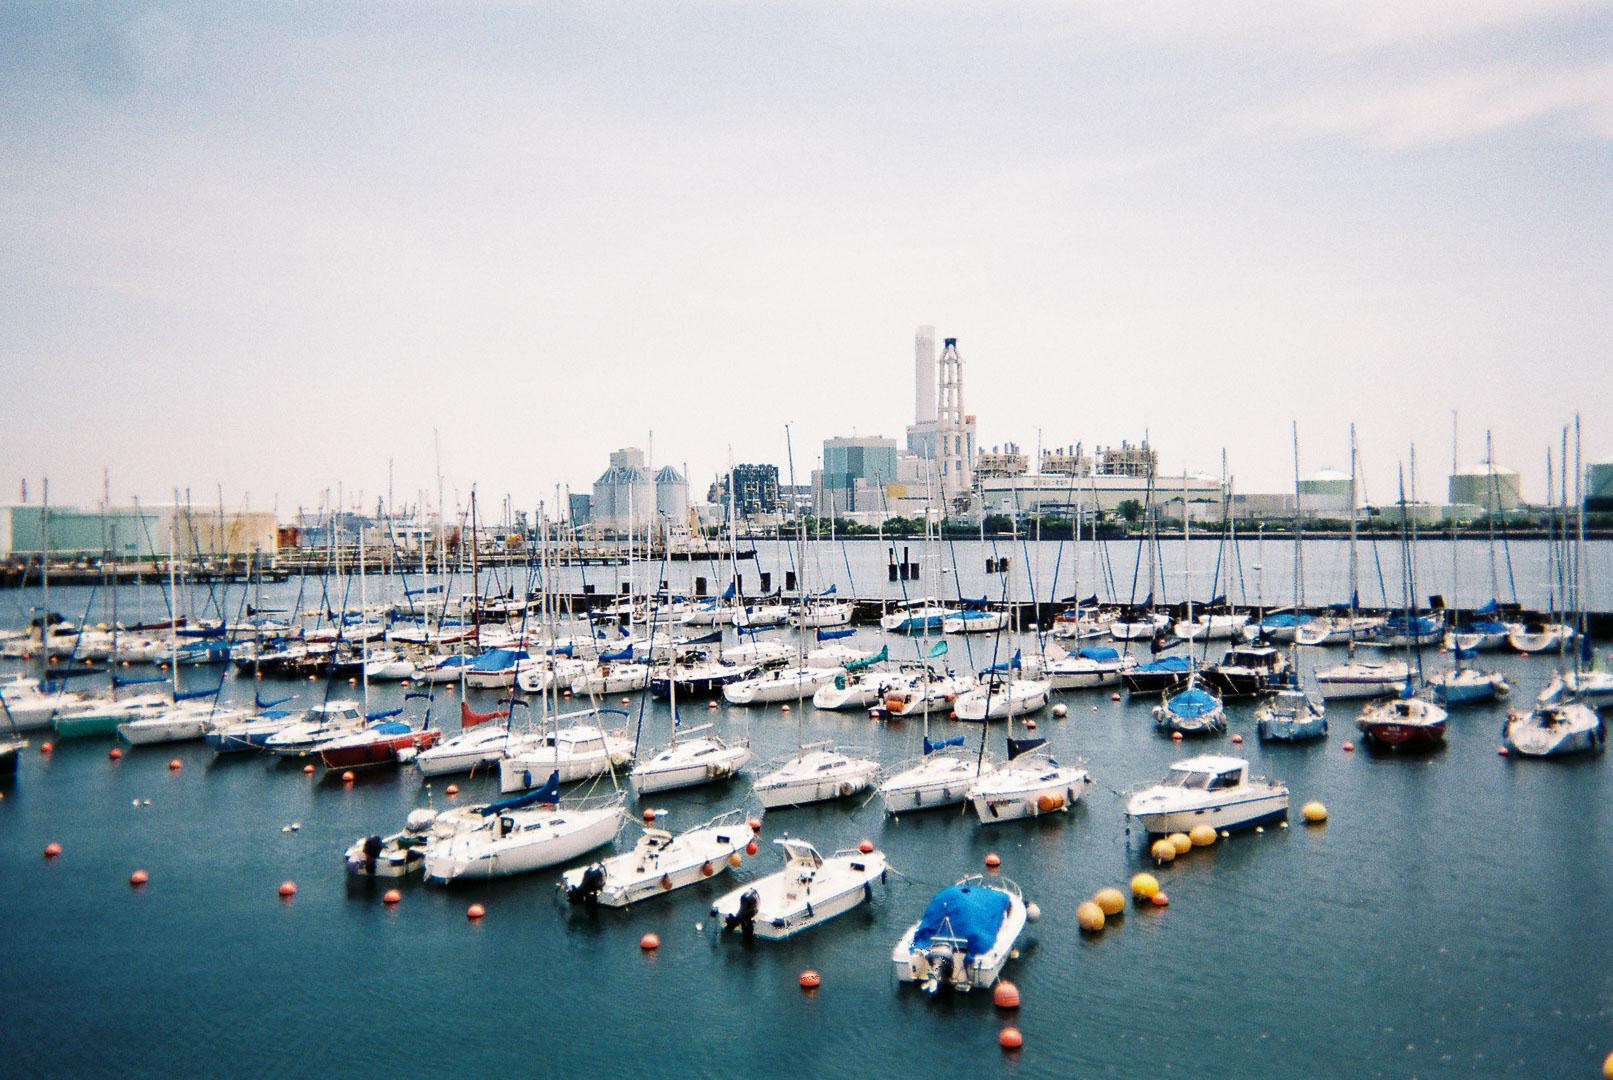 横浜市民ヨットハーバーを撮りました